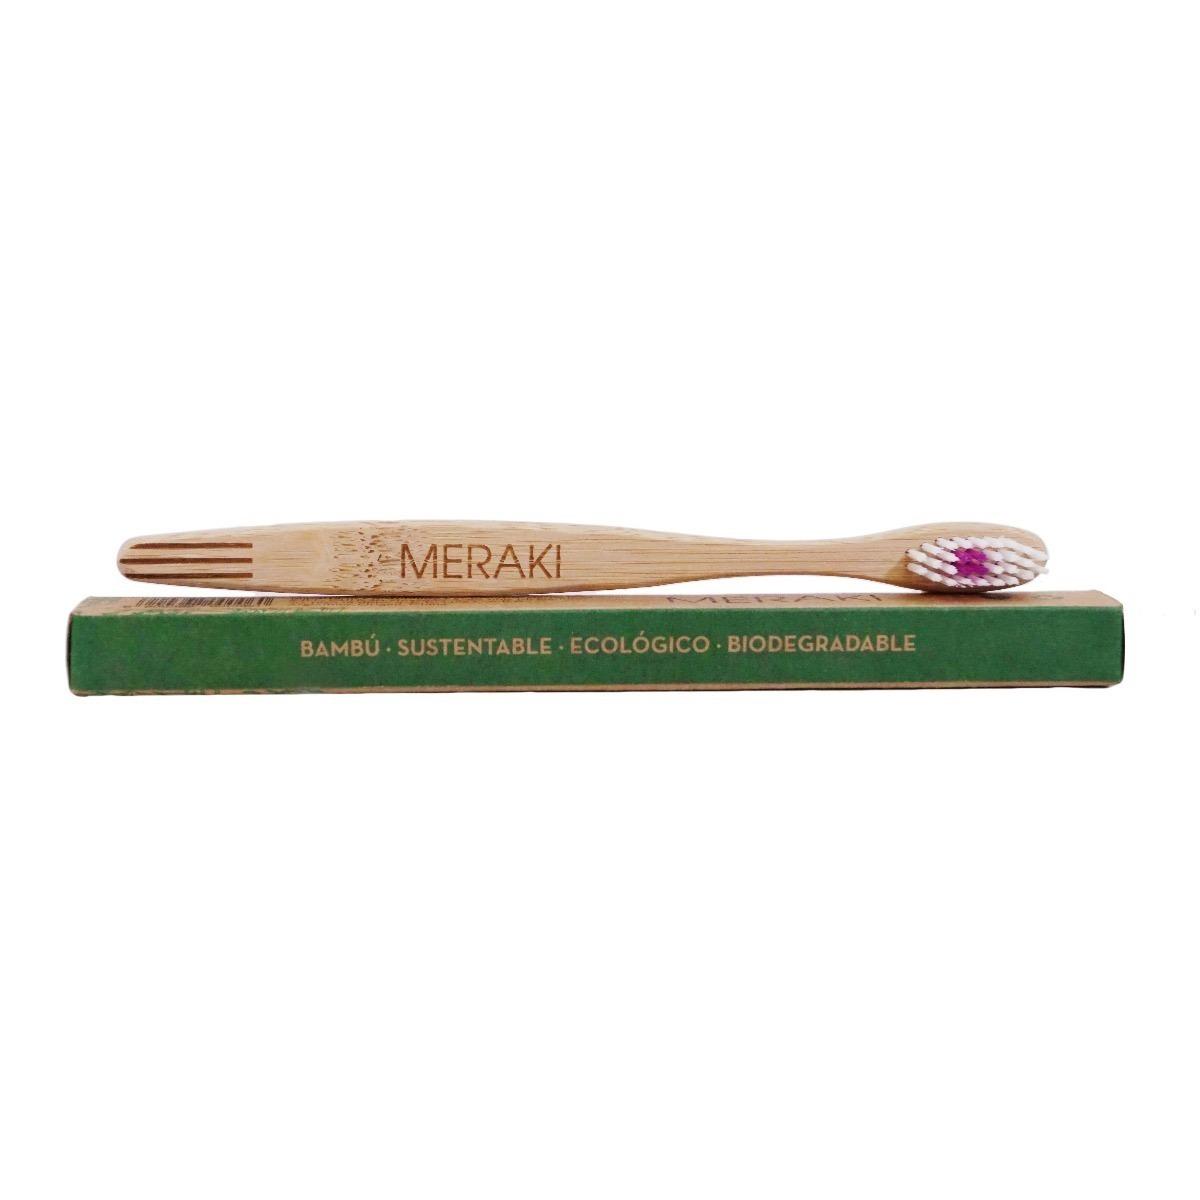 cepillo dental meraki de bambú ecológico - biodegradable. Cargando zoom. 71faca169750